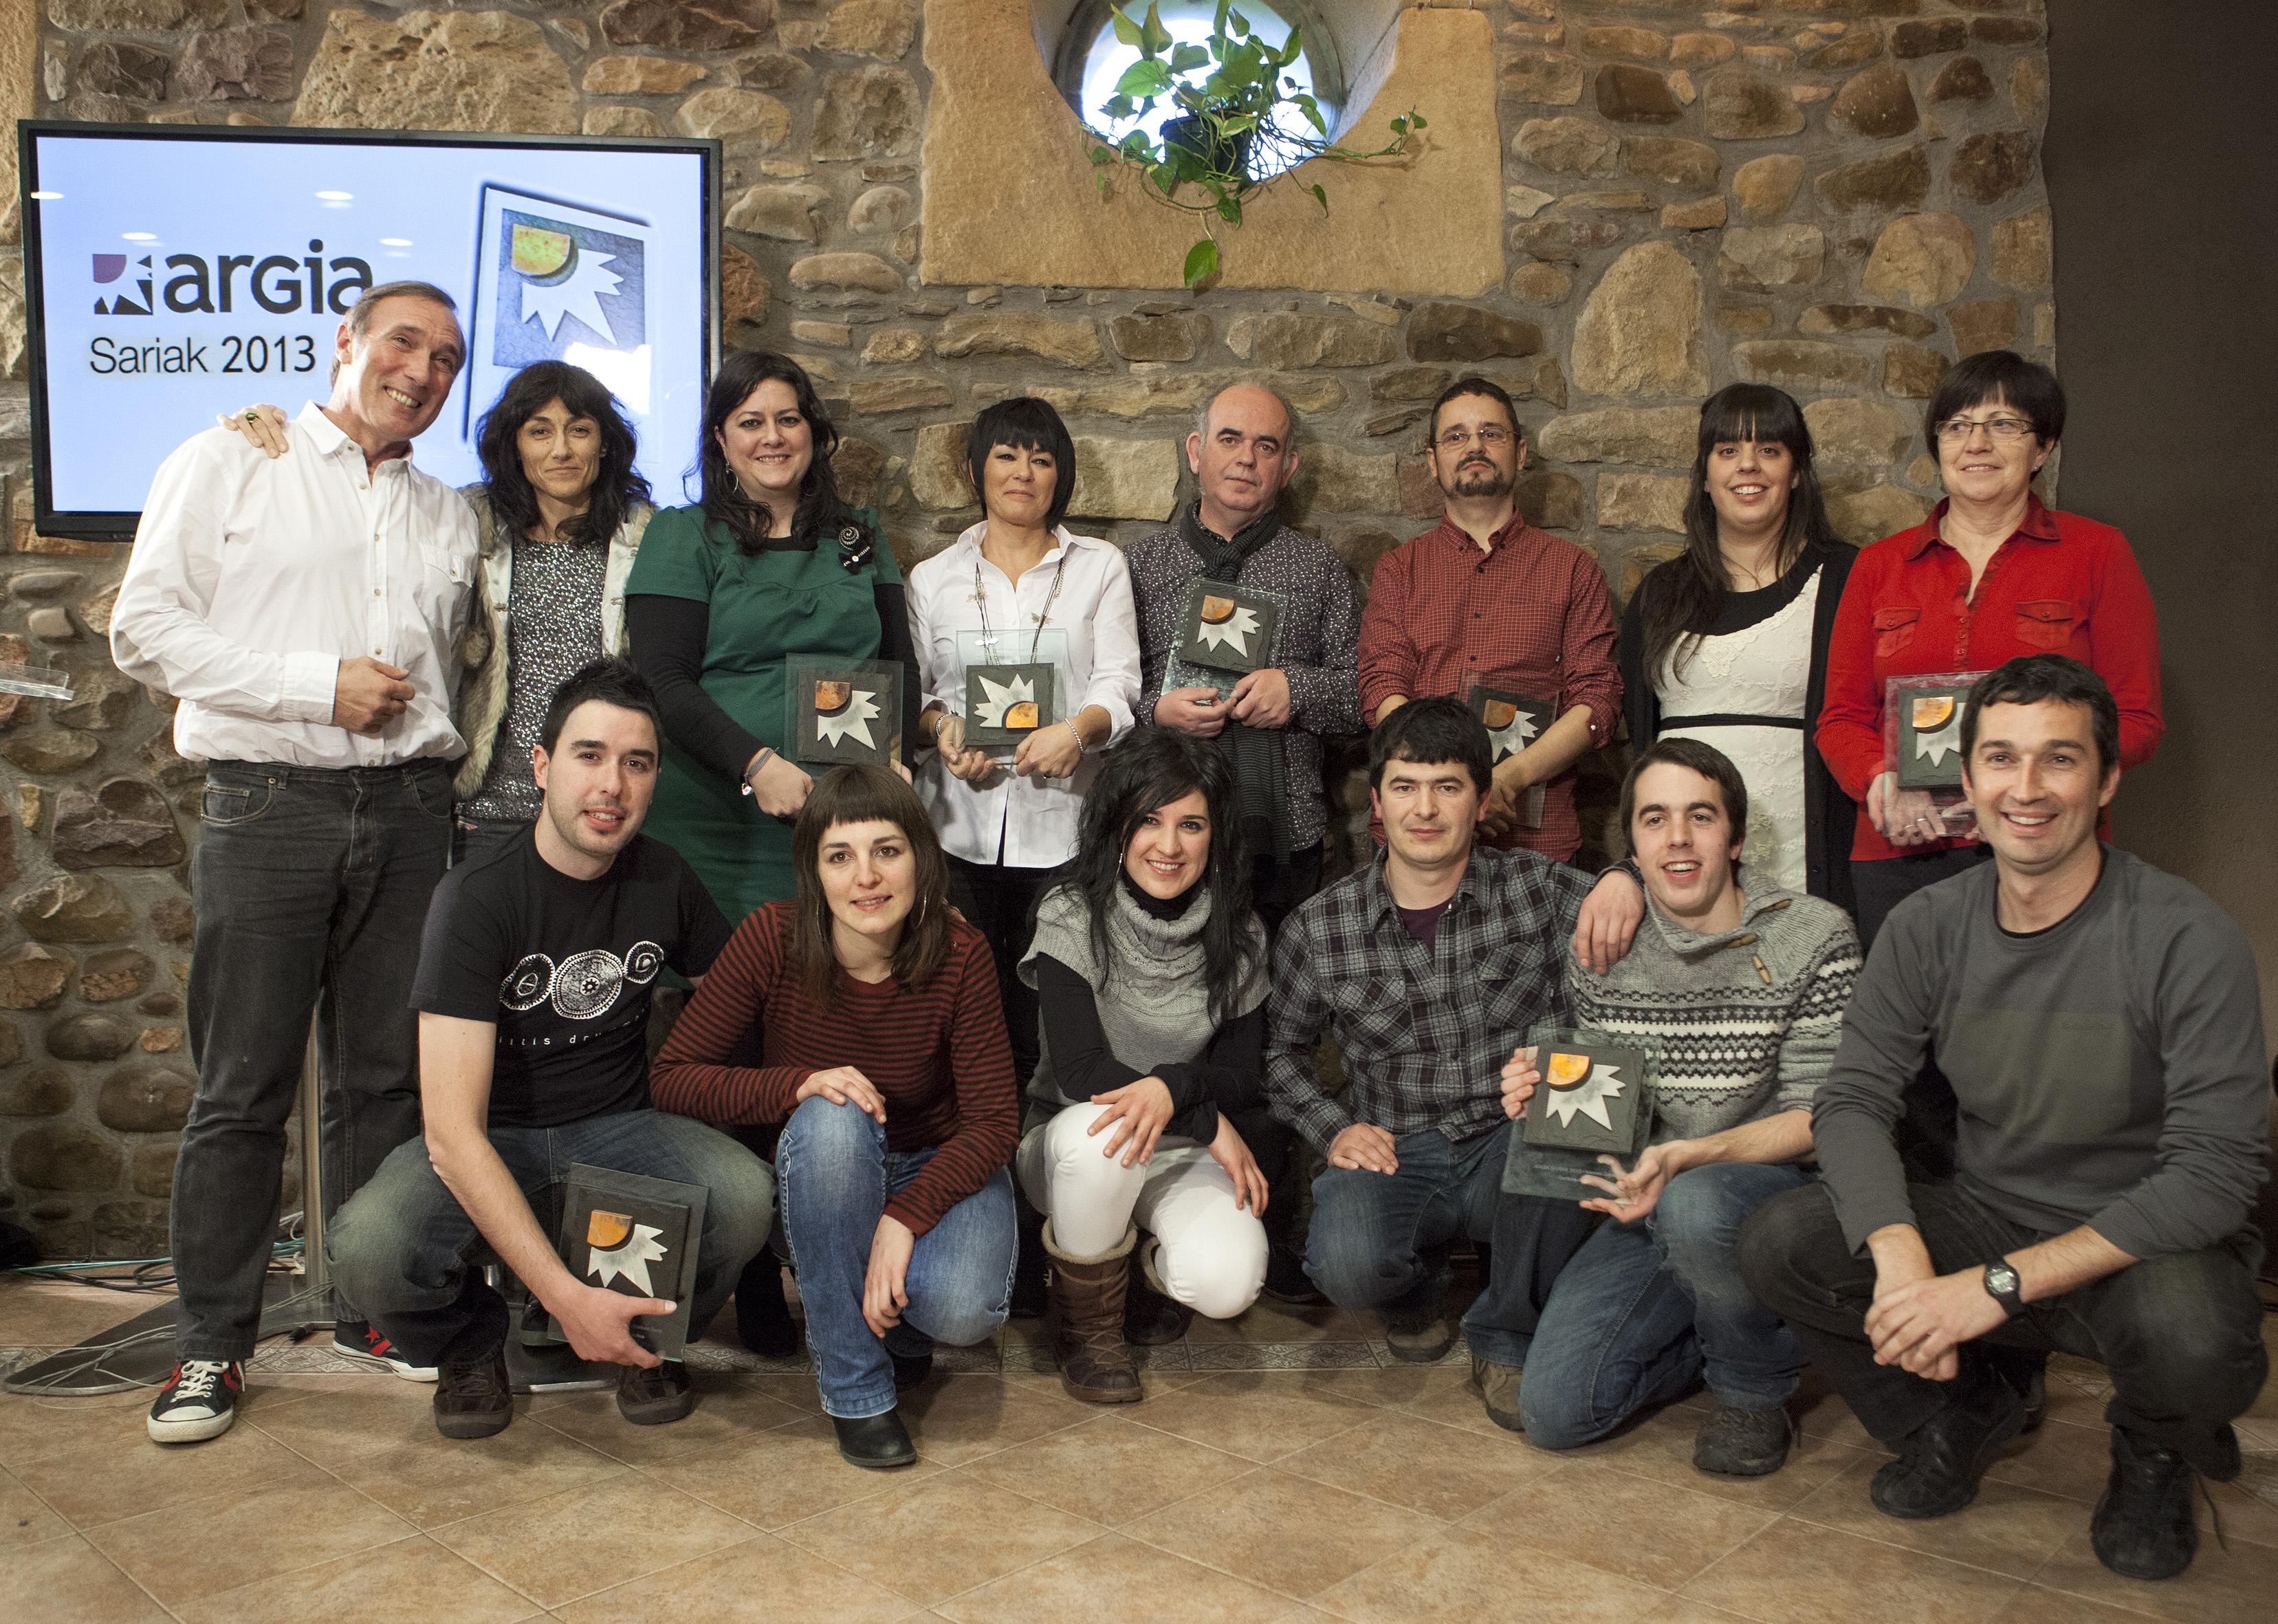 Argia Saria irabazi du dantzan.com-ek!